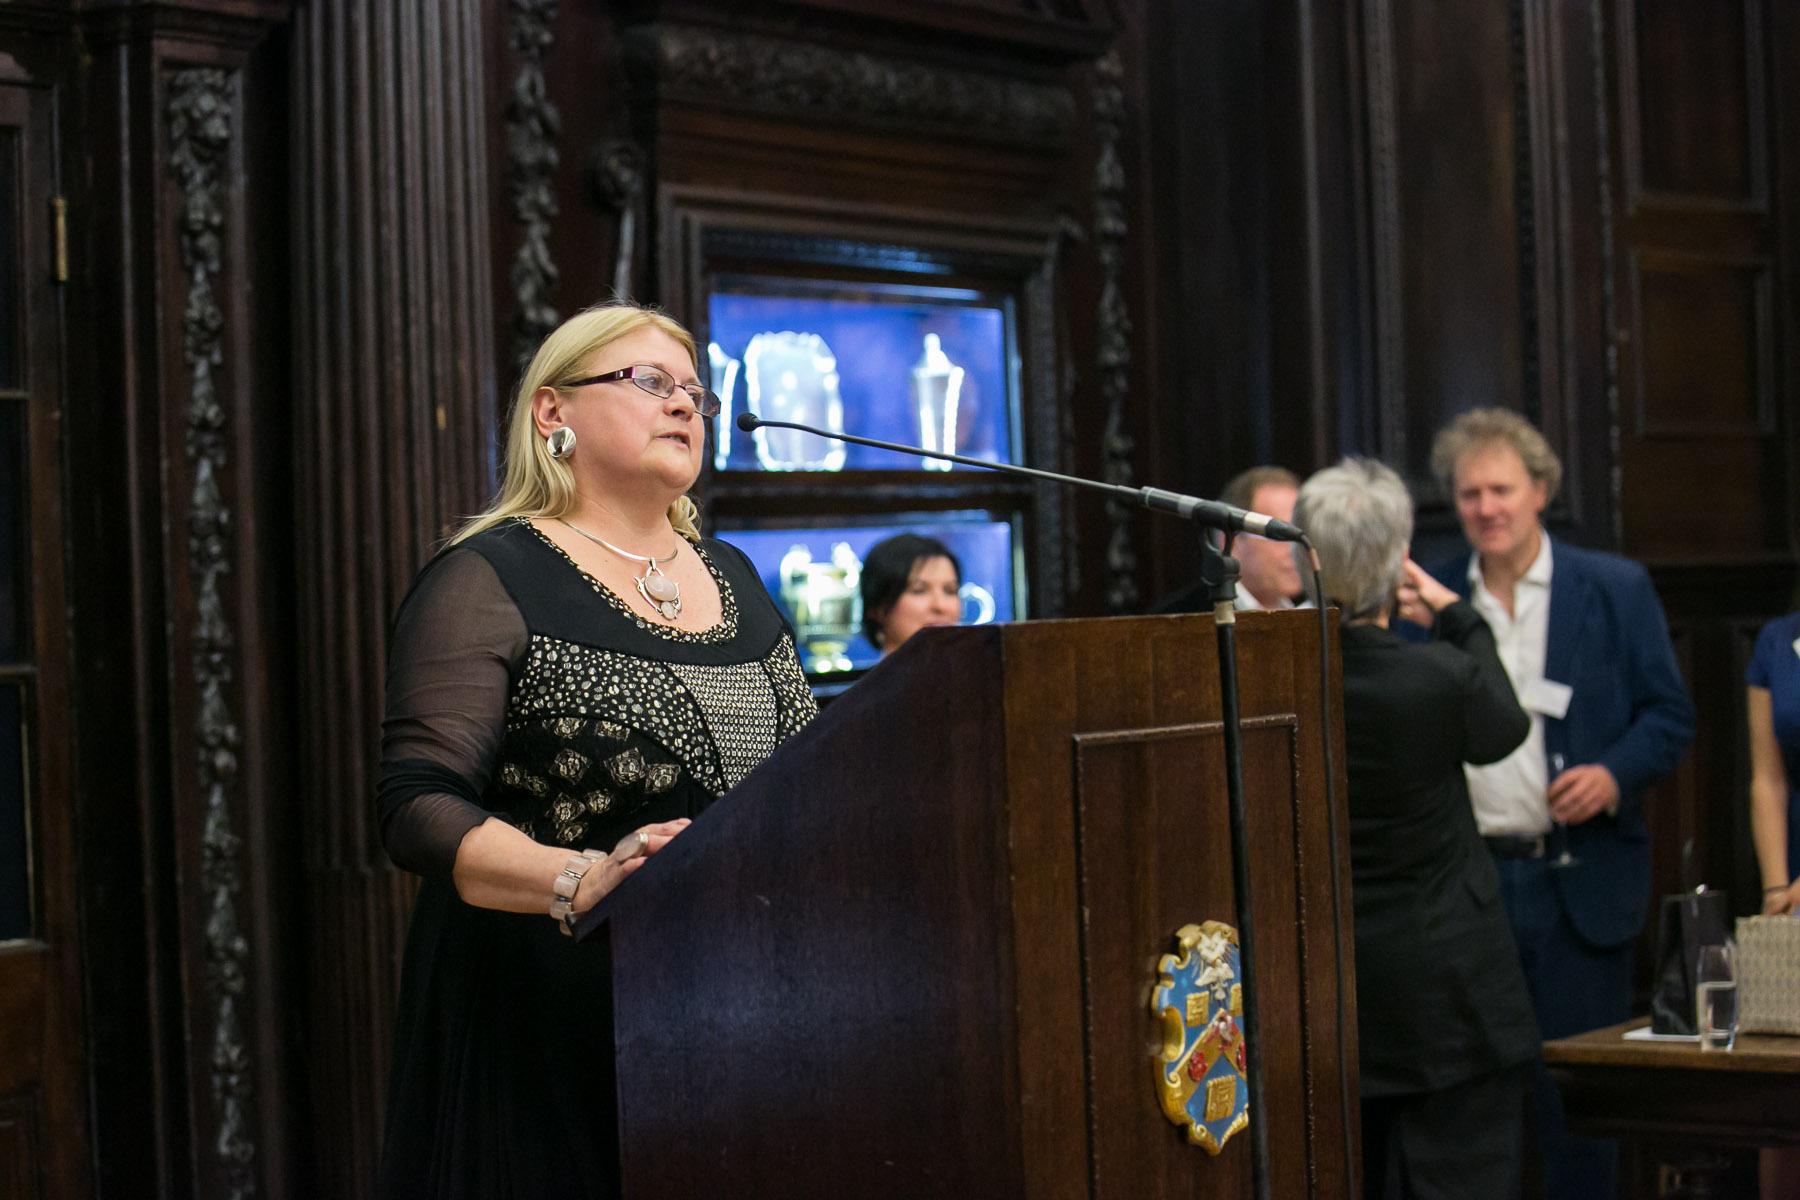 Carole Blake, speaking